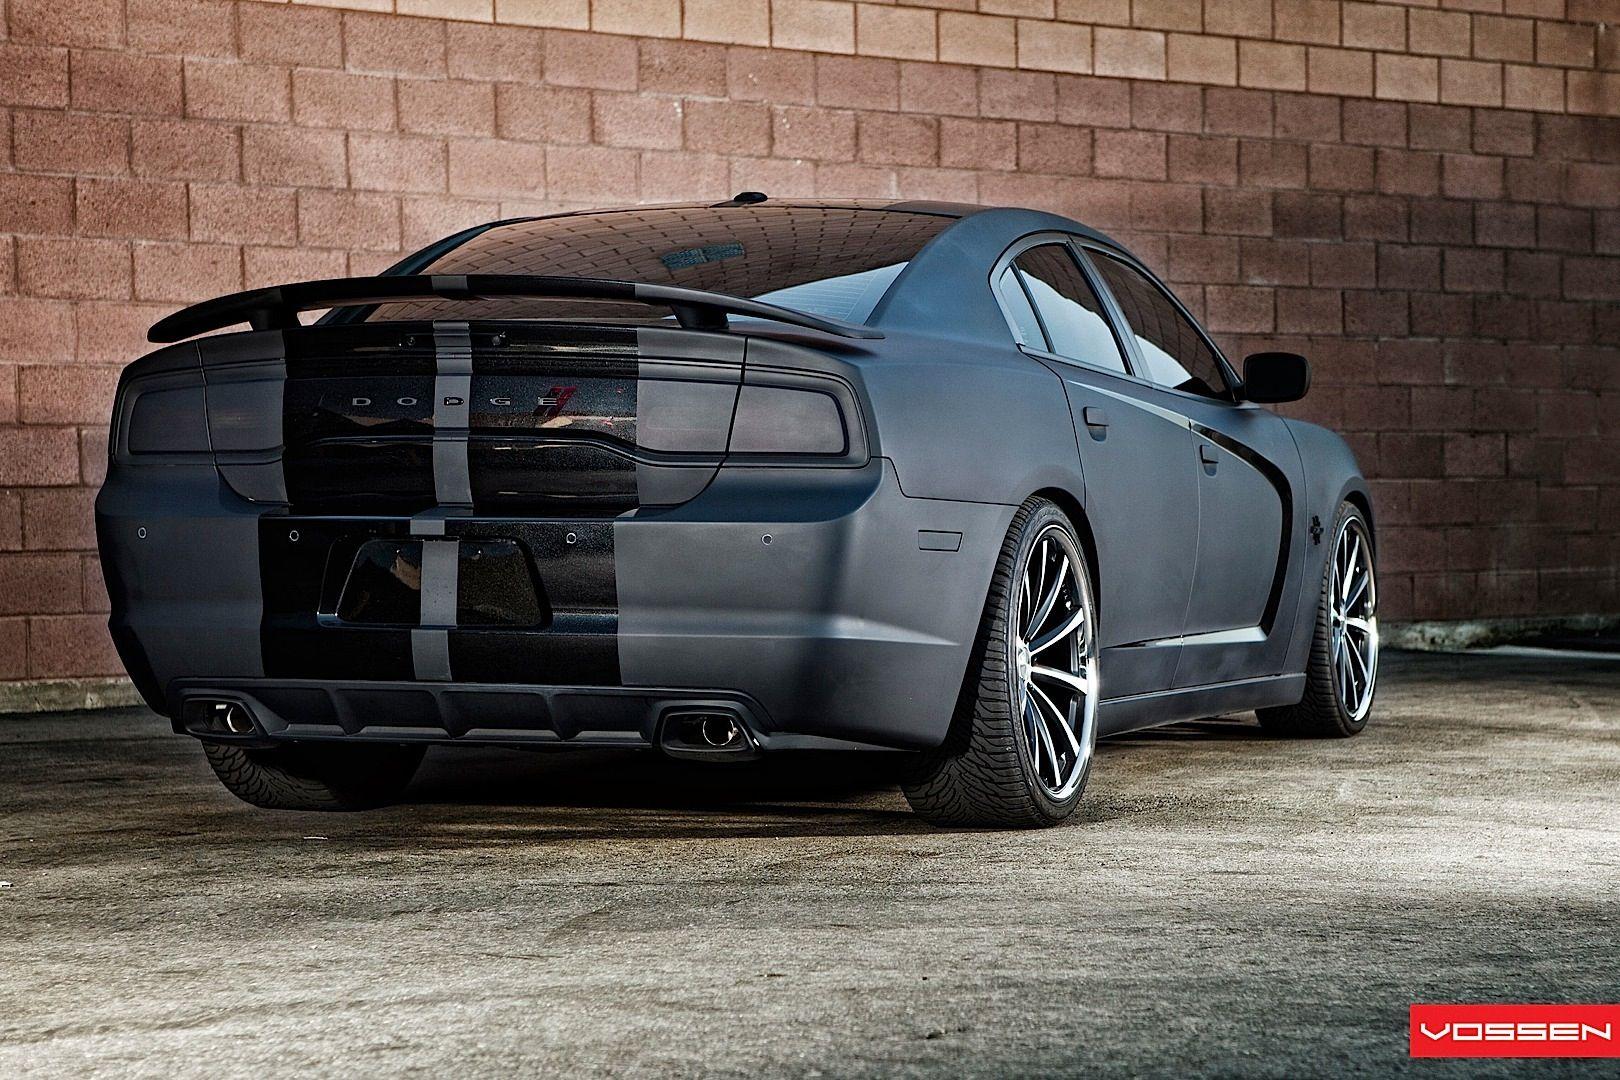 Dodge Ram Srt10 For Sale >> Dodge Charger Gets Matte Black Wrap and Vossen Wheels ...